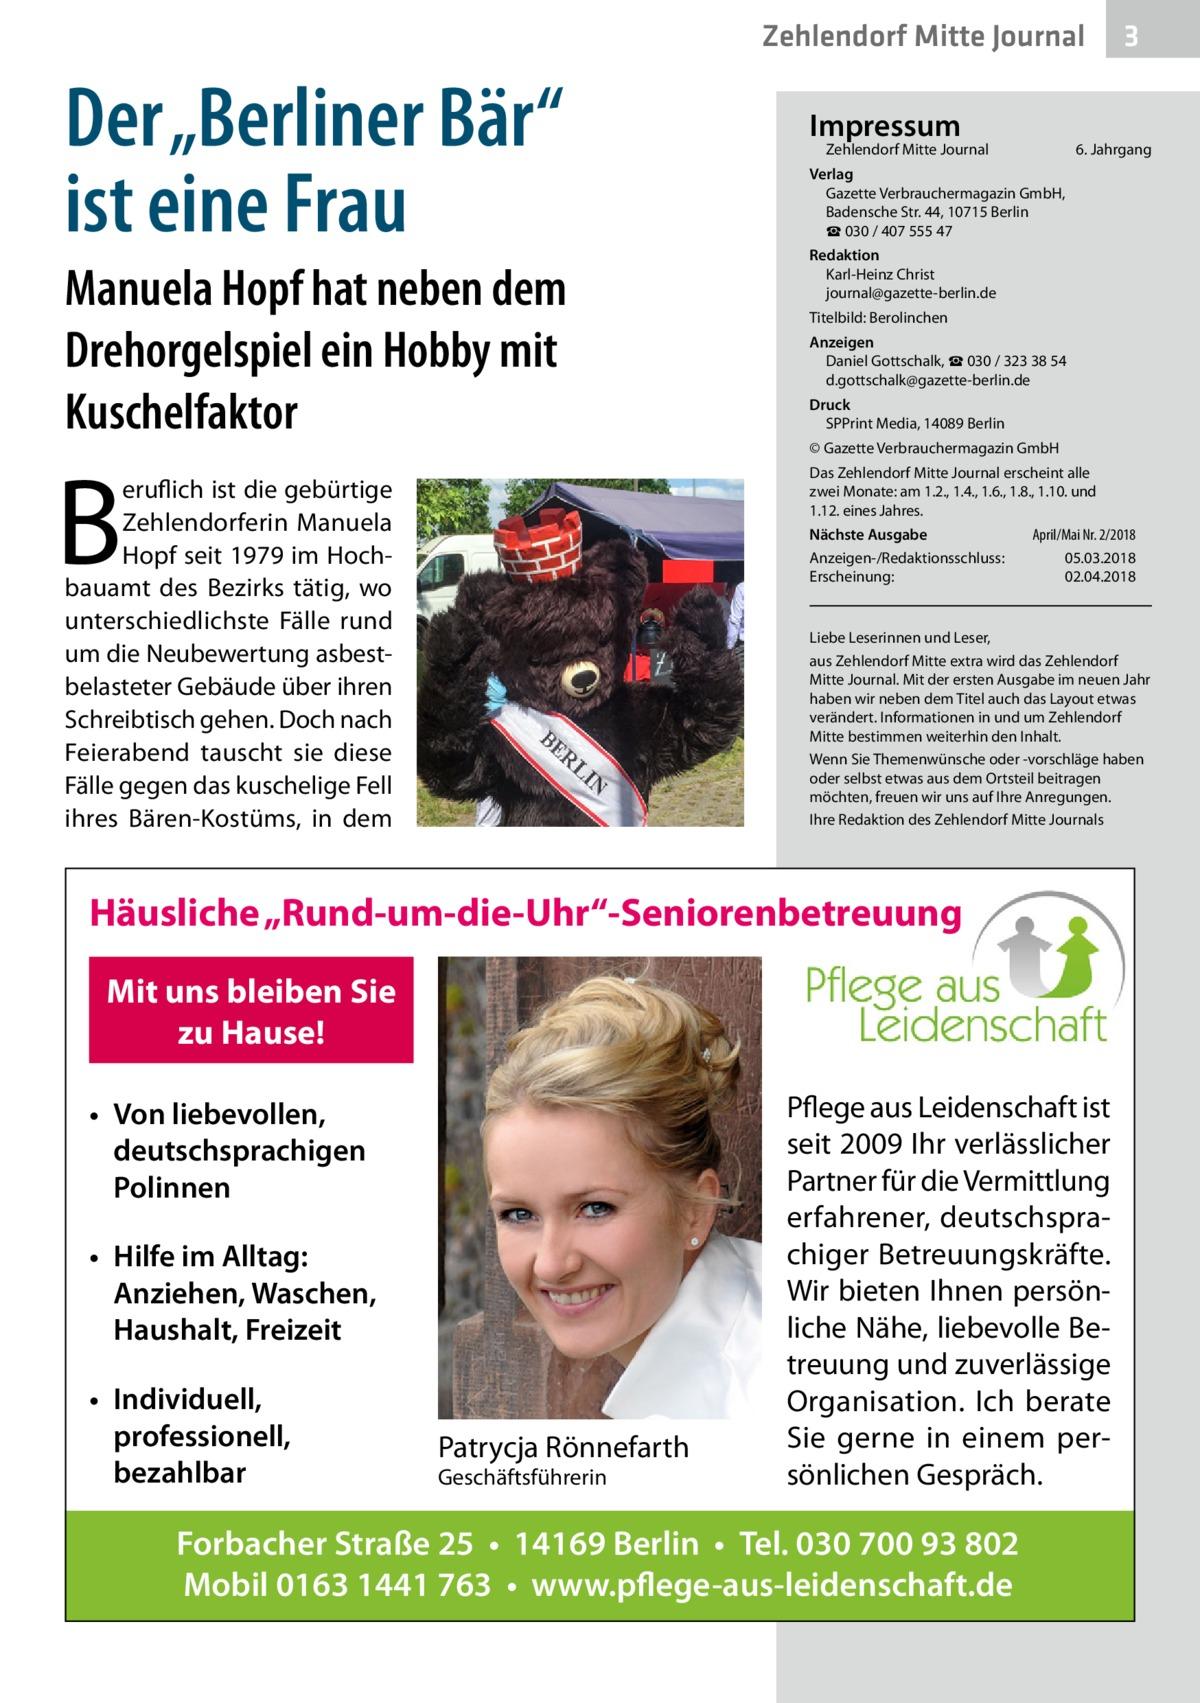 """Zehlendorf Mitte Journal  Der """"Berliner Bär"""" ist eine Frau Manuela Hopf hat neben dem Drehorgelspiel ein Hobby mit Kuschelfaktor  B  Impressum  Zehlendorf Mitte Journal�  6. Jahrgang  Verlag Gazette Verbrauchermagazin GmbH, BadenscheStr.44, 10715Berlin ☎ 030 / 407 555 47 Redaktion Karl-Heinz Christ journal@gazette-berlin.de Titelbild: Berolinchen Anzeigen Daniel Gottschalk, ☎ 030 / 323 38 54 d.gottschalk@gazette-berlin.de Druck SPPrint Media, 14089Berlin © Gazette Verbrauchermagazin GmbH Das Zehlendorf Mitte Journal erscheint alle zweiMonate: am 1.2., 1.4., 1.6., 1.8., 1.10. und 1.12. eines Jahres.  eruflich ist die gebürtige Zehlendorferin Manuela Hopf seit 1979 im Hochbauamt des Bezirks tätig, wo unterschiedlichste Fälle rund um die Neubewertung asbestbelasteter Gebäude über ihren Schreibtisch gehen. Doch nach Feierabend tauscht sie diese Fälle gegen das kuschelige Fell ihres Bären-Kostüms, in dem  April/Mai Nr. 2/2018 Nächste Ausgabe  Anzeigen-/Redaktionsschluss:05.03.2018 Erscheinung:02.04.2018  Liebe Leserinnen und Leser, aus Zehlendorf Mitte extra wird das Zehlendorf Mitte Journal. Mit der ersten Ausgabe im neuen Jahr haben wir neben dem Titel auch das Layout etwas verändert. Informationen in und um Zehlendorf Mitte bestimmen weiterhin den Inhalt. Wenn Sie Themenwünsche oder -vorschläge haben oder selbst etwas aus dem Ortsteil beitragen möchten, freuen wir uns auf Ihre Anregungen. Ihre Redaktion des Zehlendorf Mitte Journals  Häusliche """"Rund-um-die-Uhr""""-Seniorenbetreuung Mit uns bleiben Sie zu Hause! • Von liebevollen, deutschsprachigen Polinnen • Hilfe im Alltag: Anziehen, Waschen, Haushalt, Freizeit • Individuell, professionell, bezahlbar  3  Patrycja Rönnefarth Geschäftsführerin  Pflege aus Leidenschaft ist seit 2009 Ihr verlässlicher Partner für die Vermittlung erfahrener, deutschsprachiger Betreuungskräfte. Wir bieten Ihnen persönliche Nähe, liebevolle Betreuung und zuverlässige Organisation. Ich berate Sie gerne in einem persönlichen Gespräch.  Forbacher"""